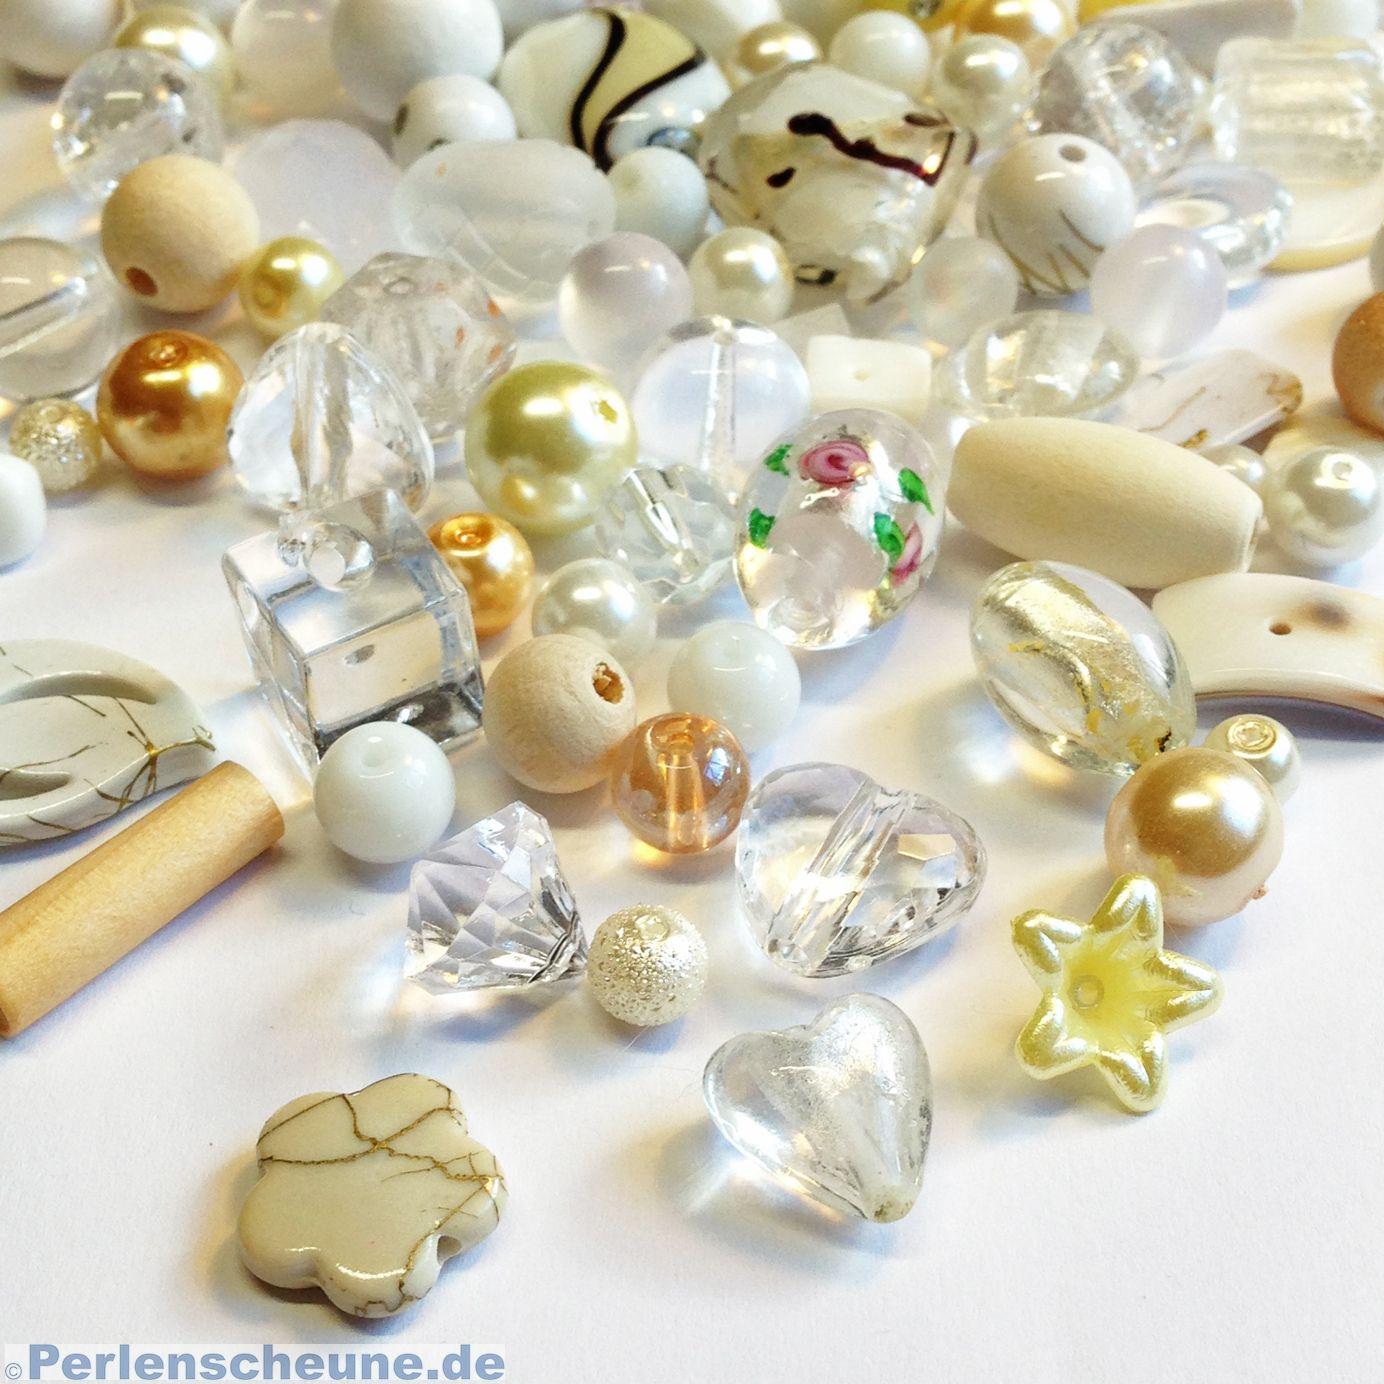 50 Glasperlen Mix Perlen 4-18mm creme beige Beads zum Auffädeln Bastelperlen